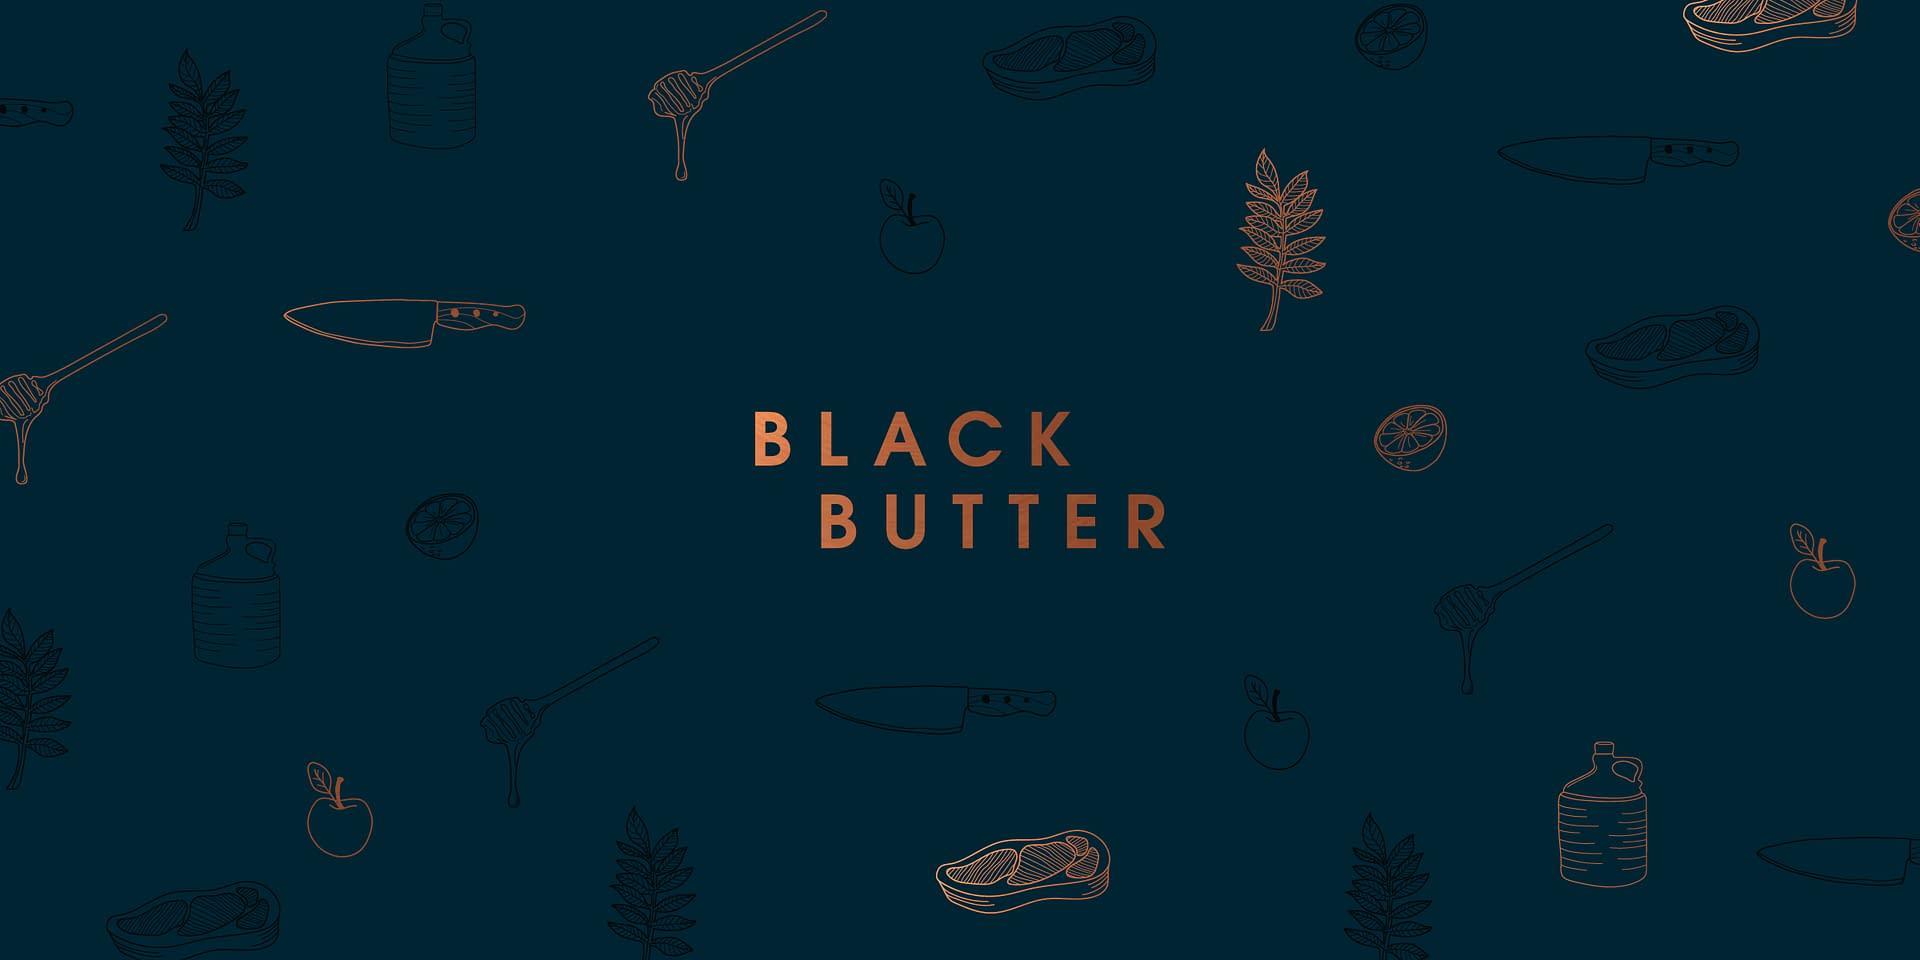 Black Butter logo